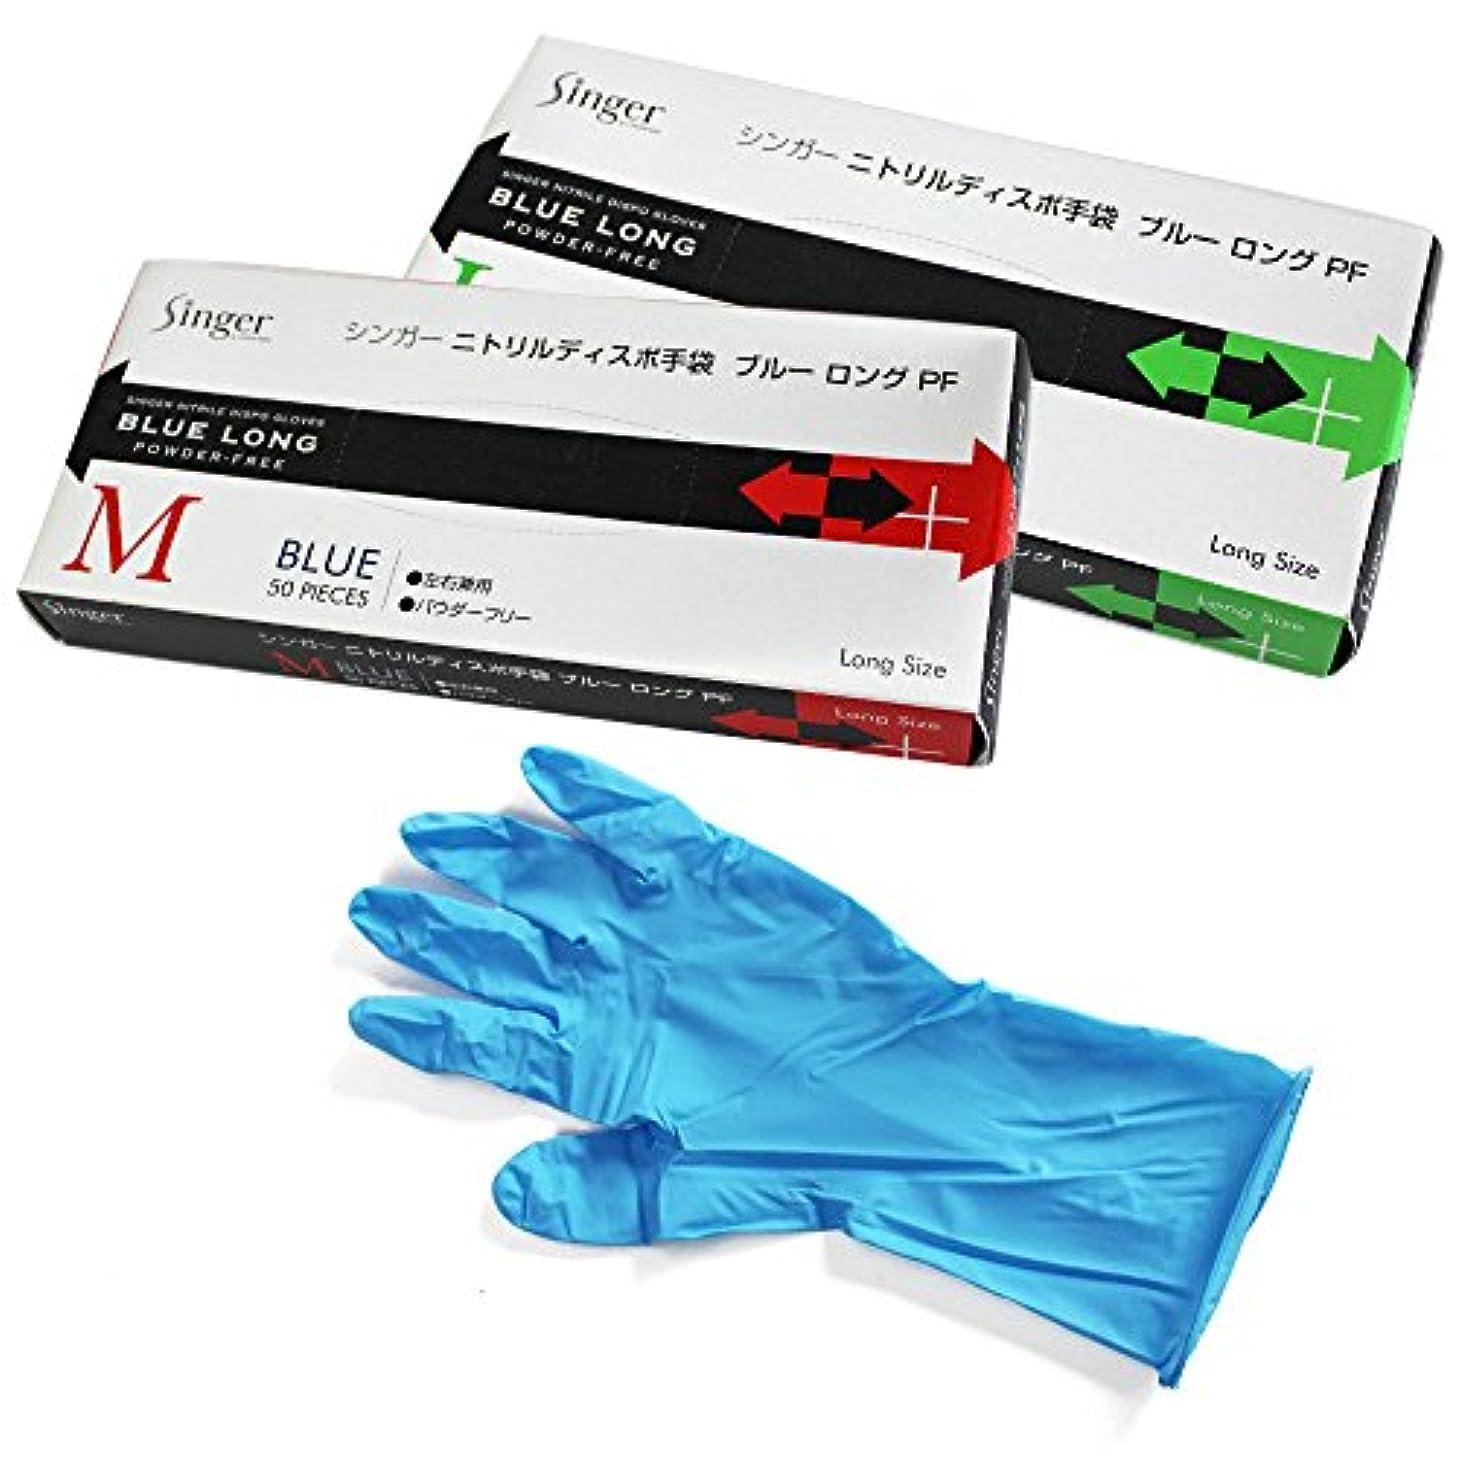 一般的なアダルトキノコシンガーニトリルディスポ手袋ブルーロングパウダーフリー250枚(50枚入り×5箱) (M)